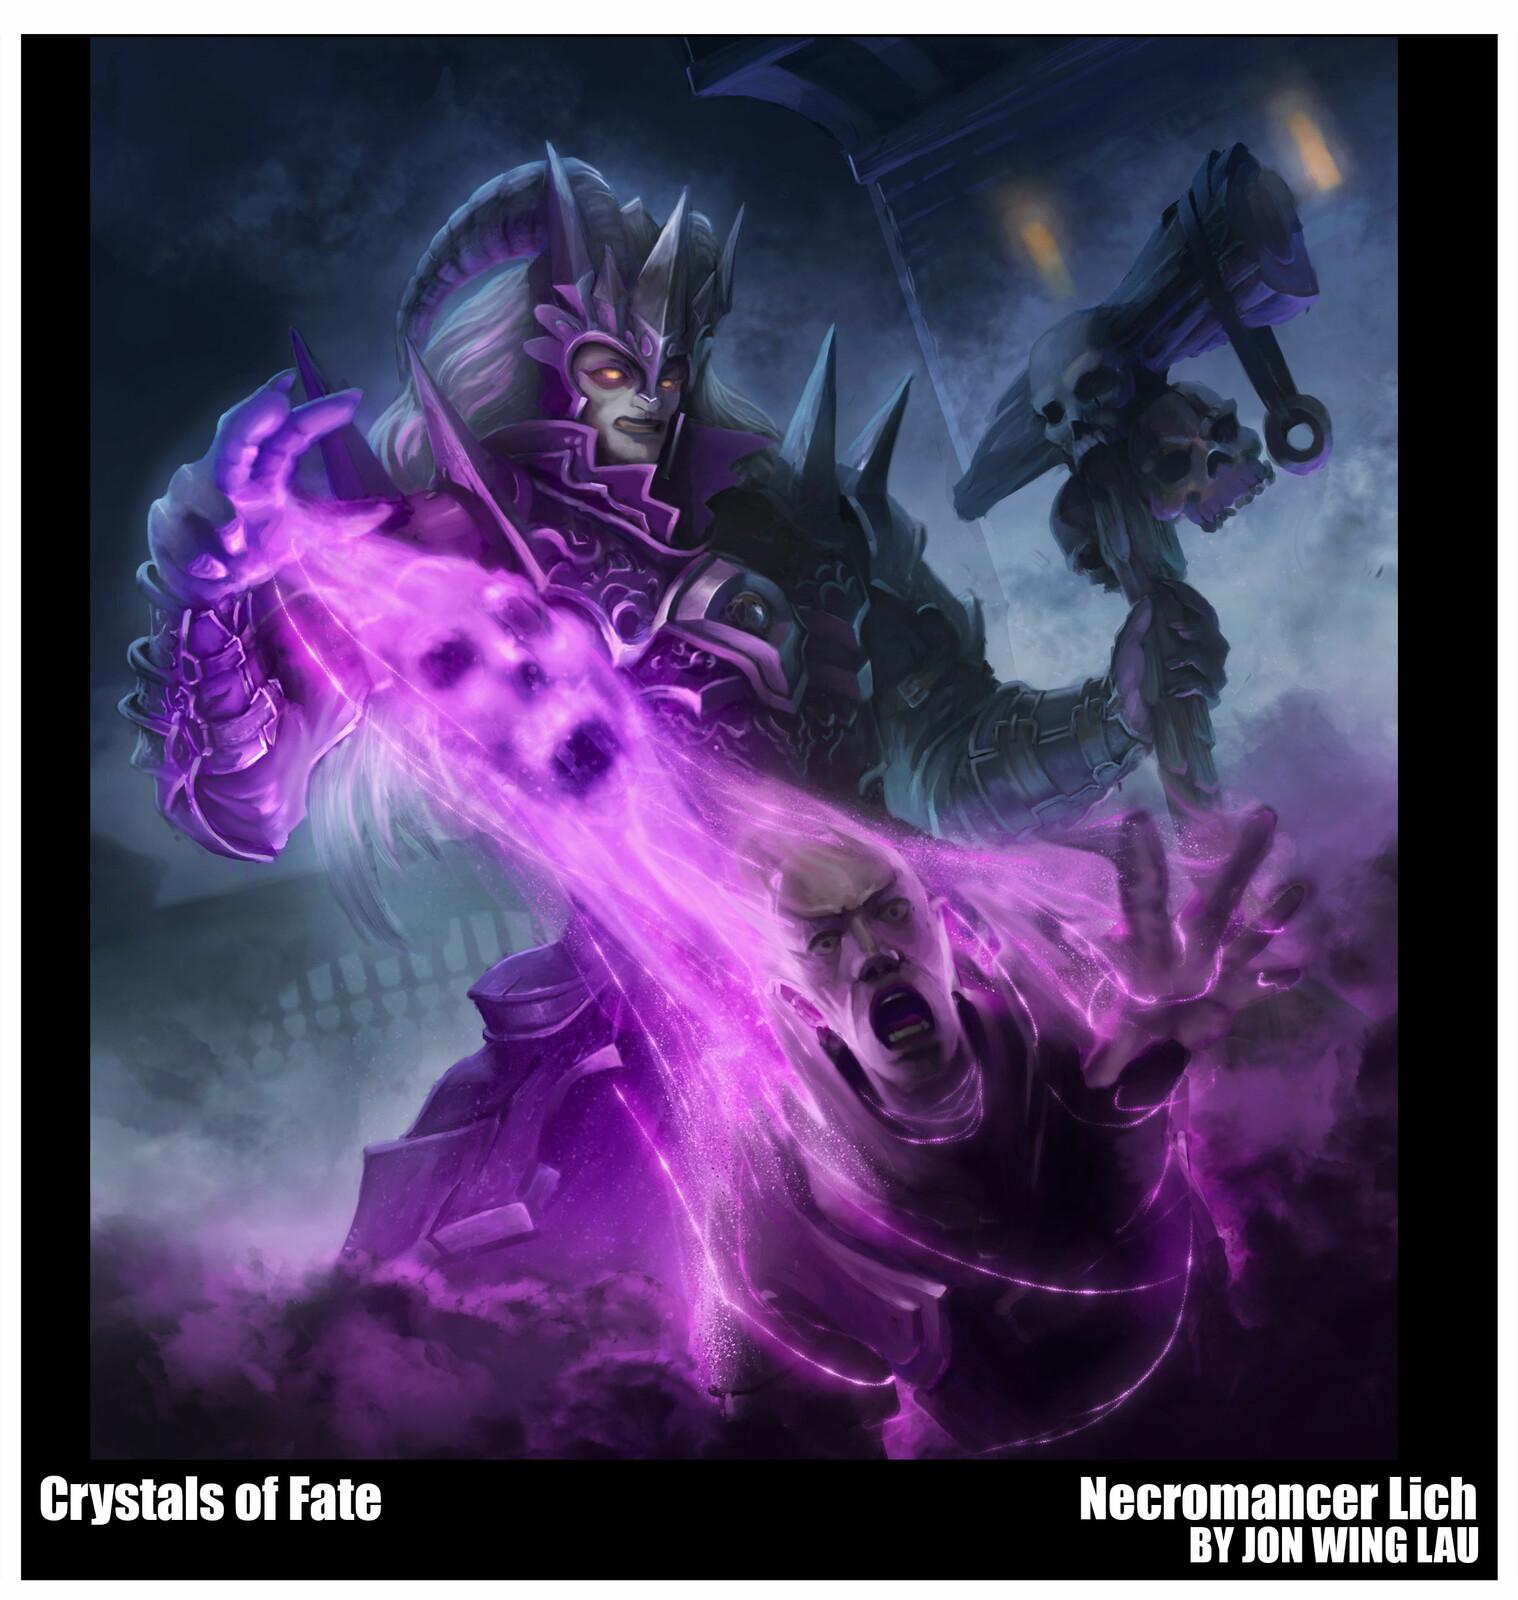 Necromancer Lich